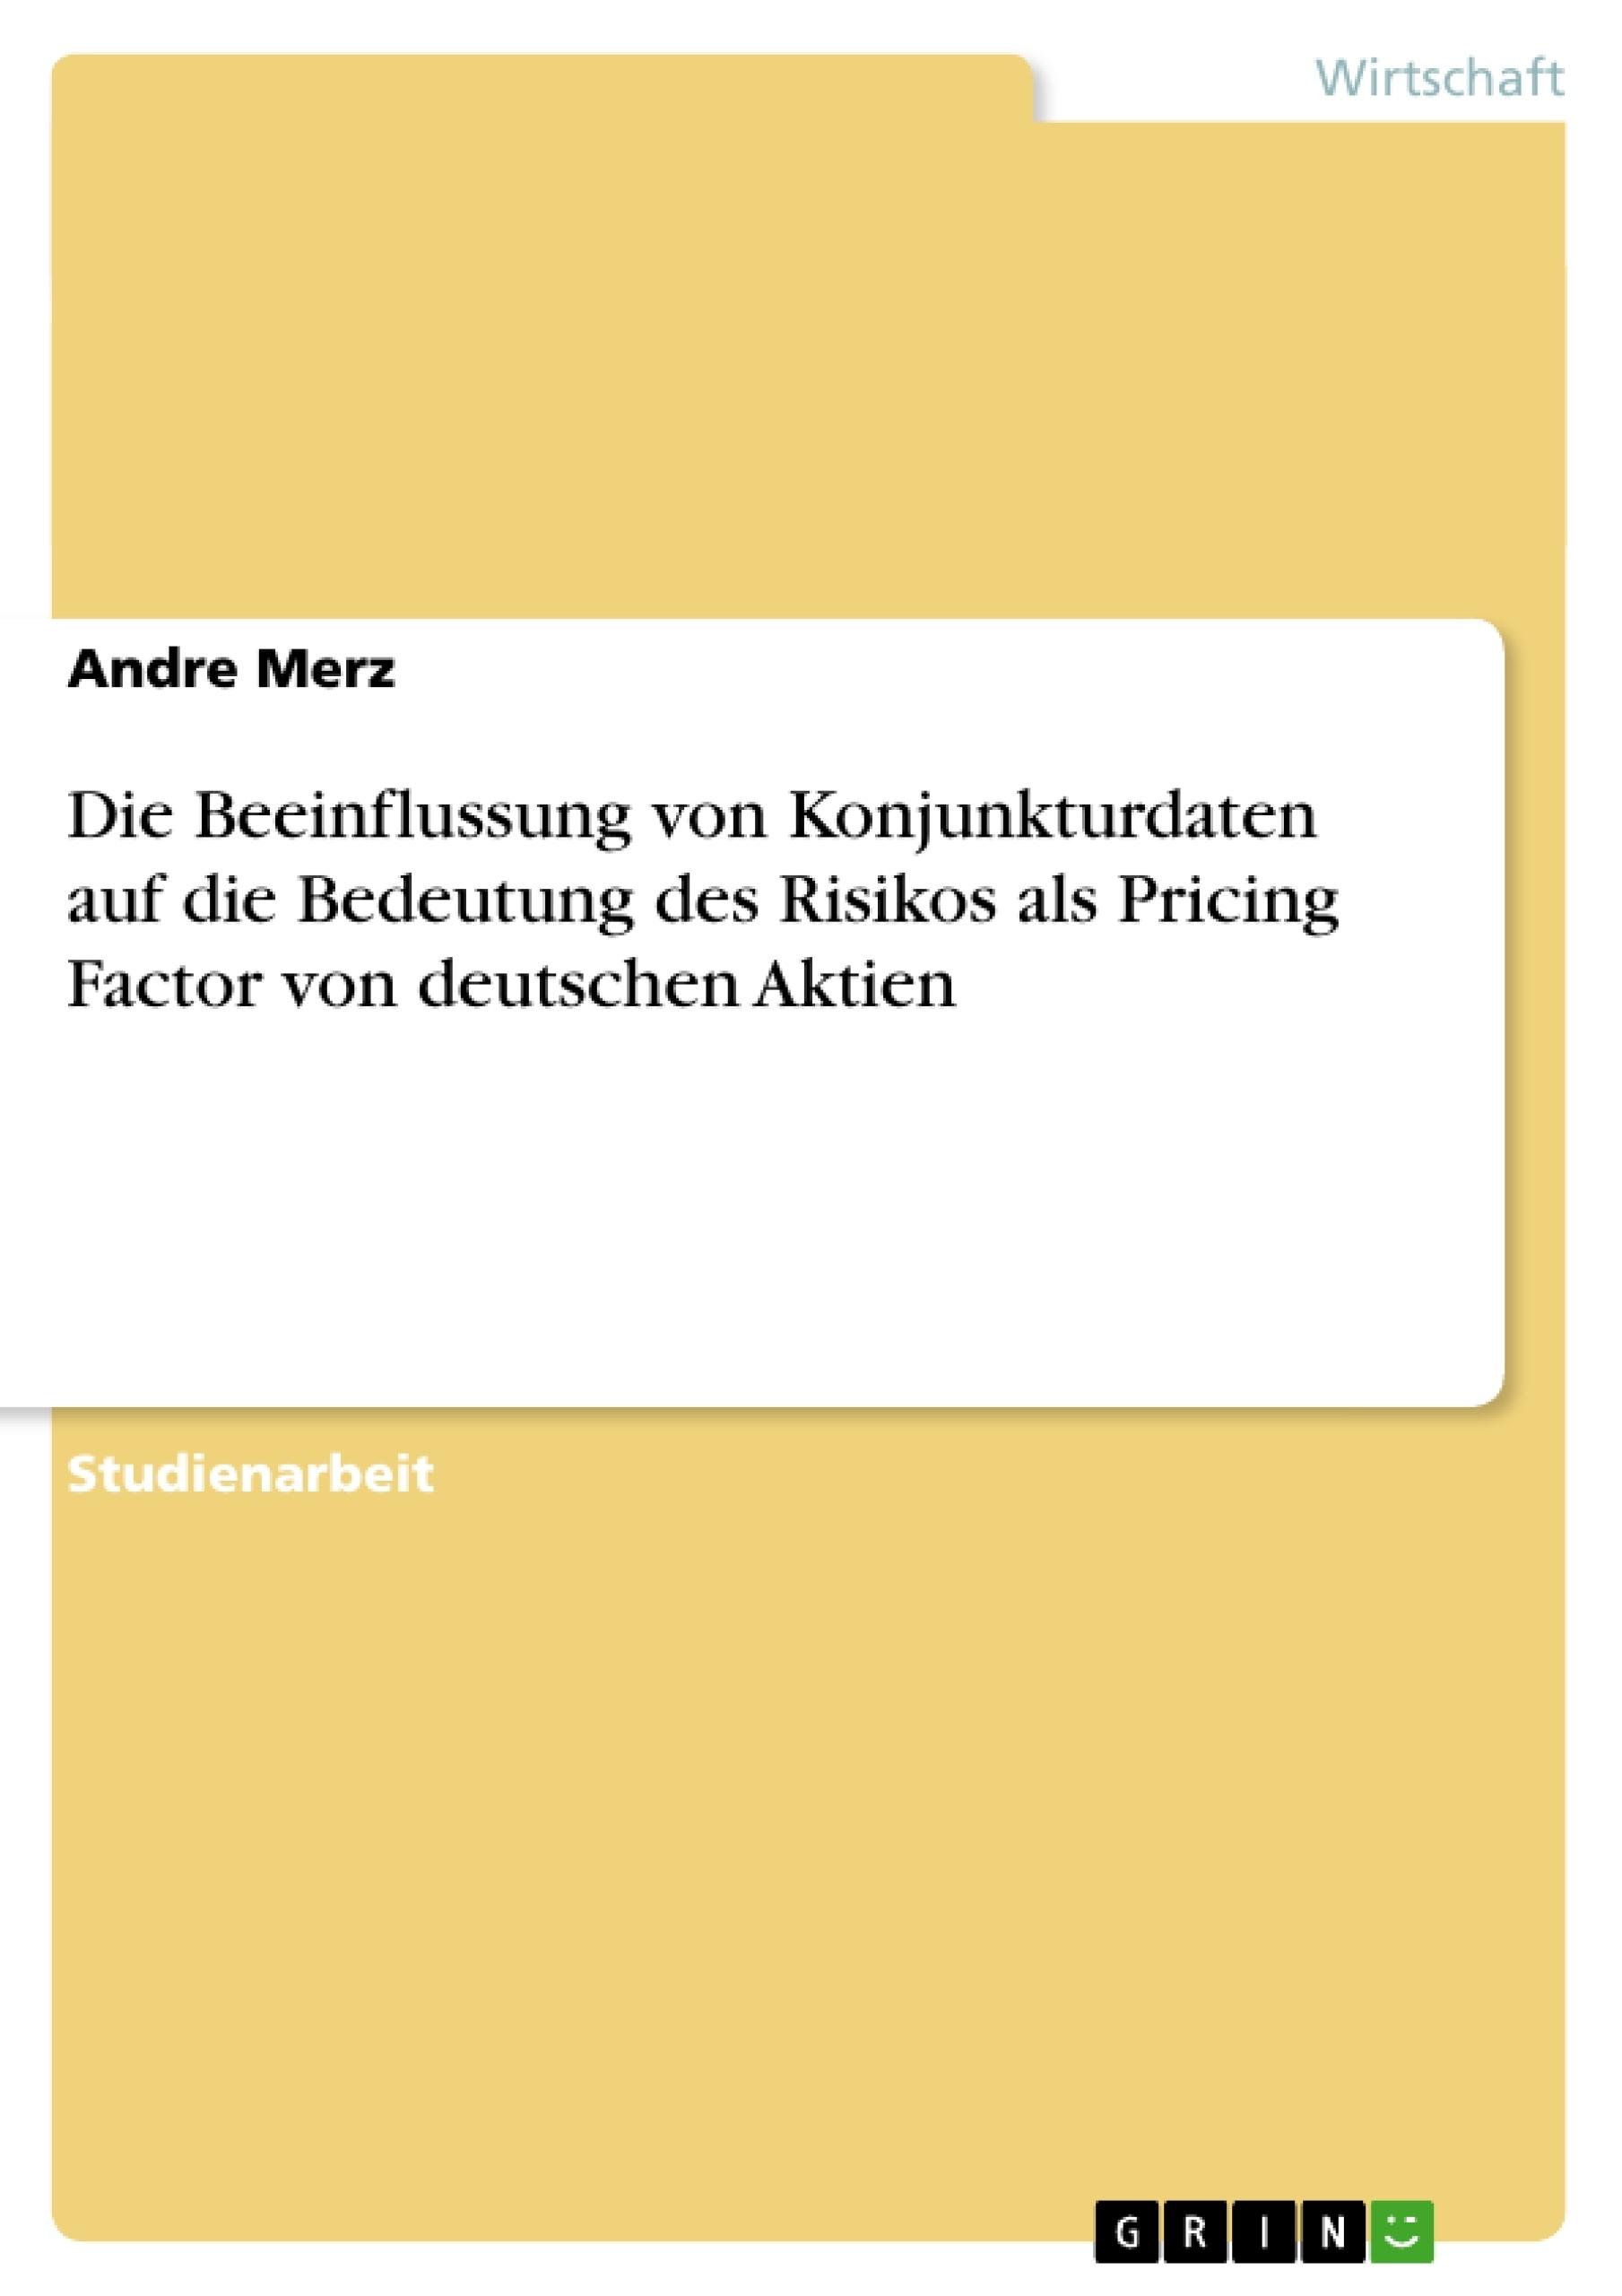 Titel: Die Beeinflussung von Konjunkturdaten auf die Bedeutung des Risikos als Pricing Factor von deutschen Aktien